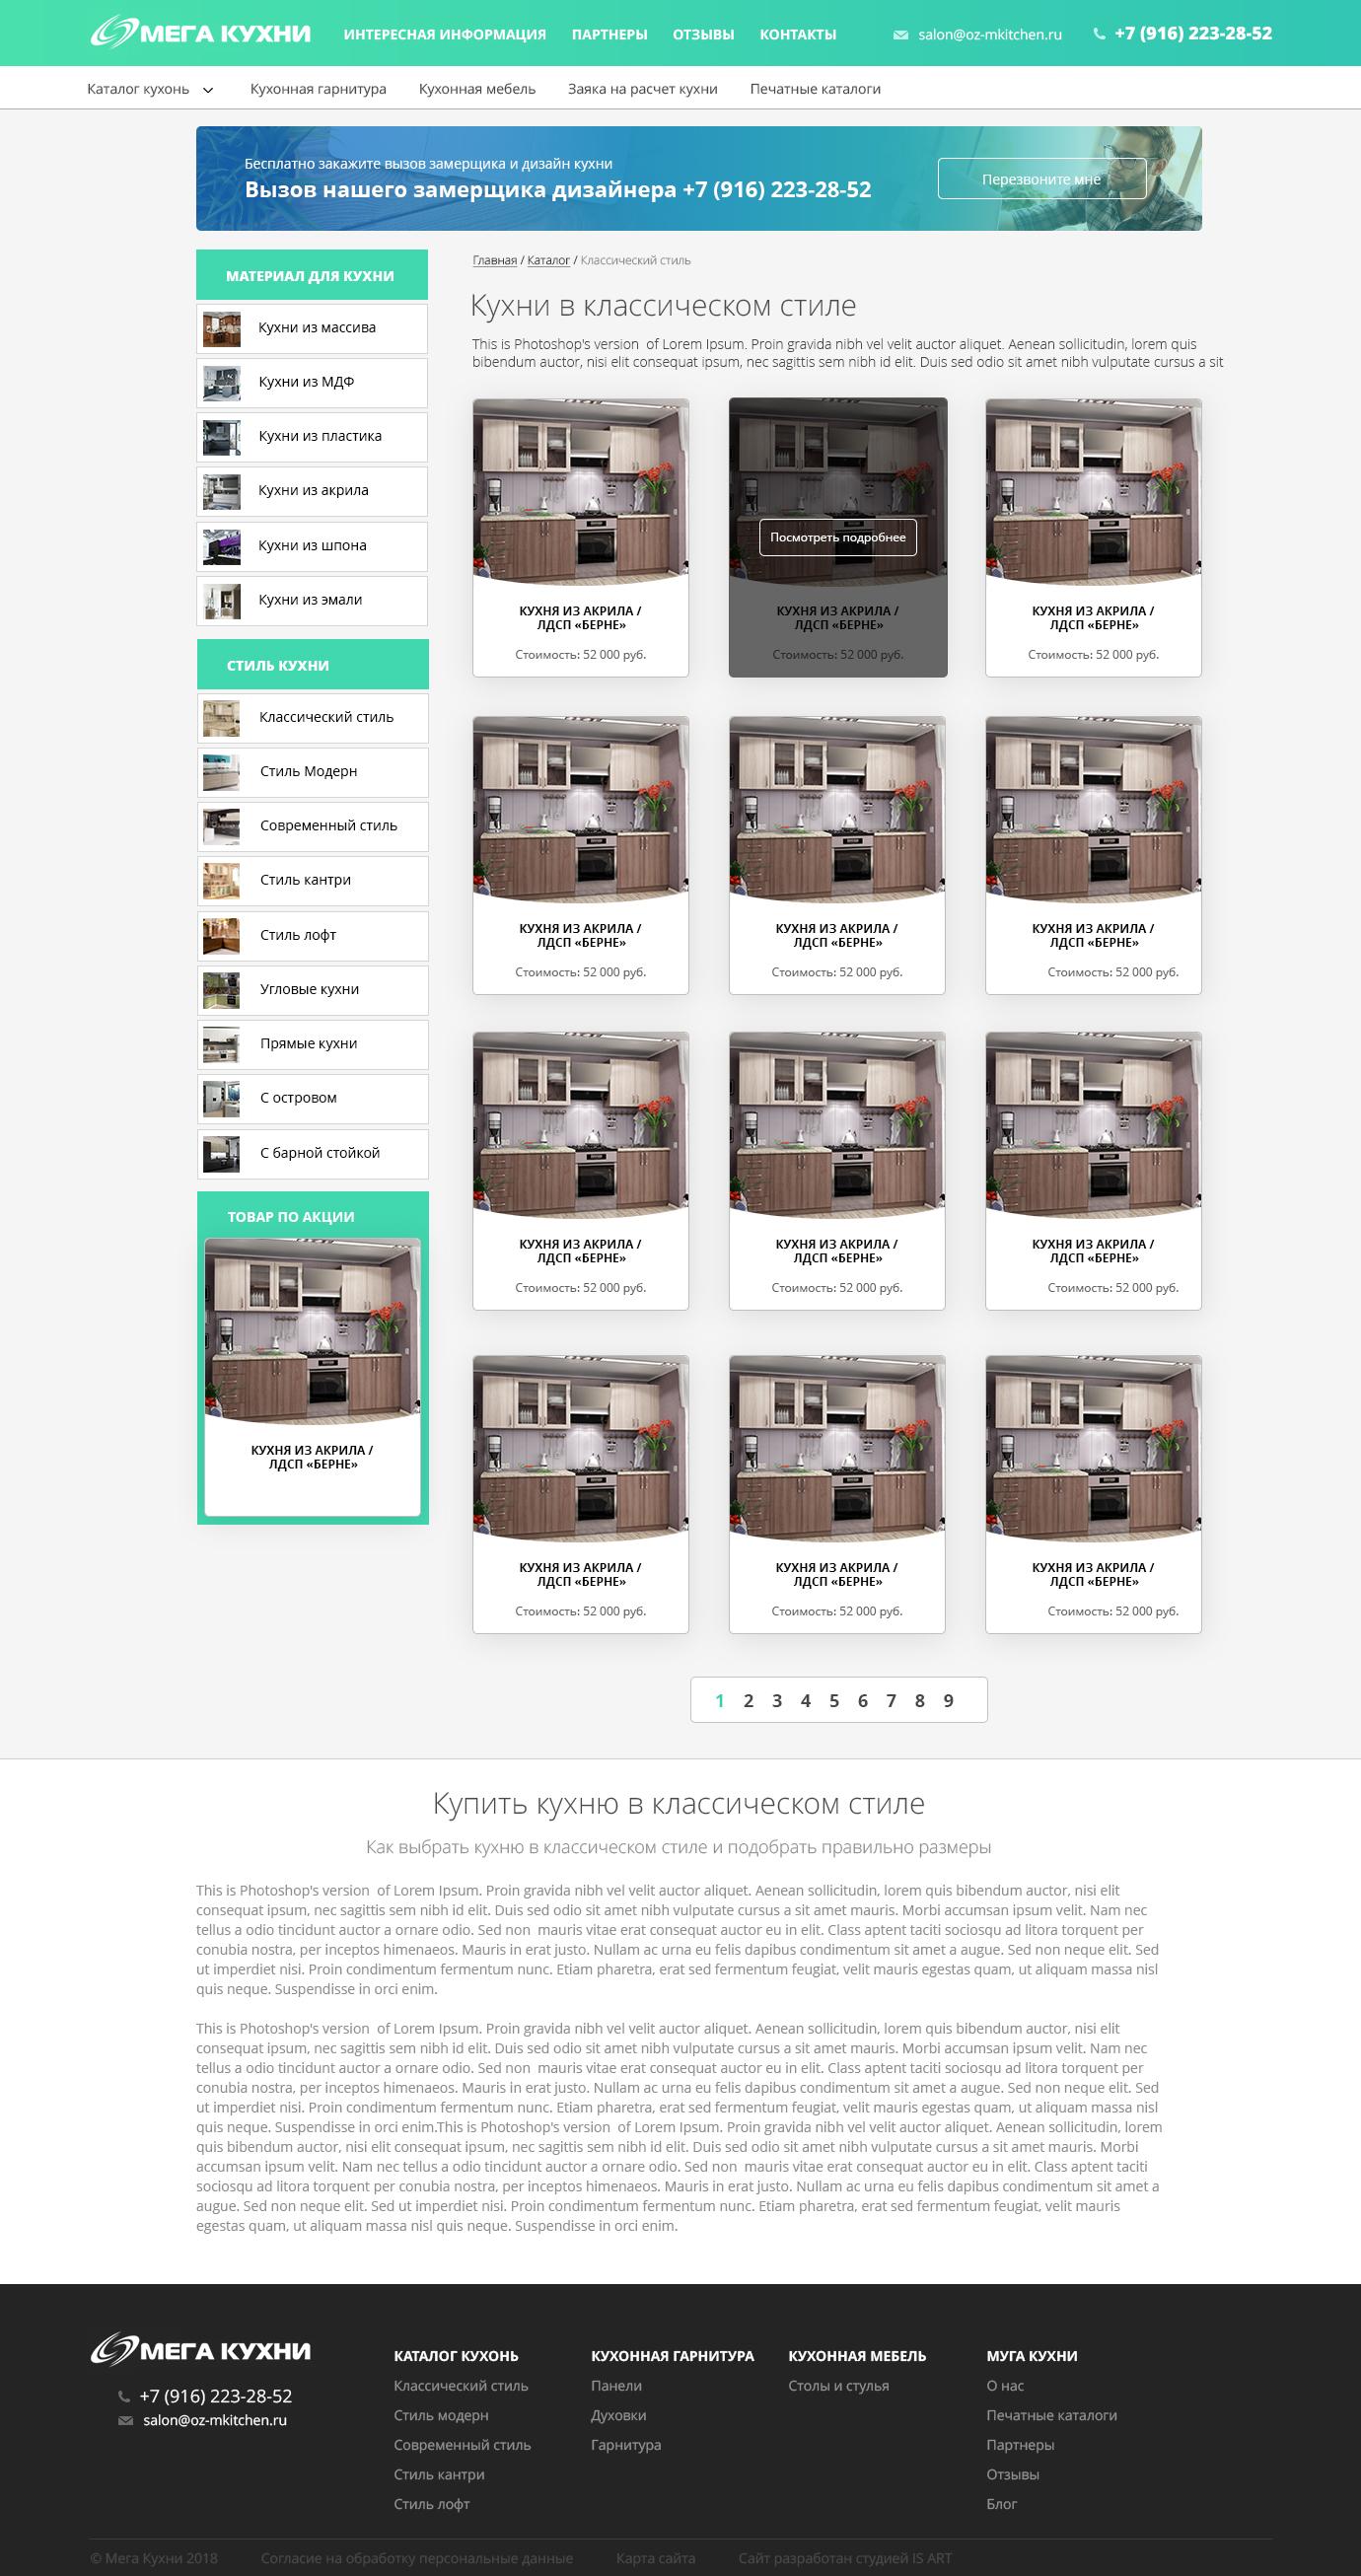 Макет сайта Интернет магазин кухонь 2